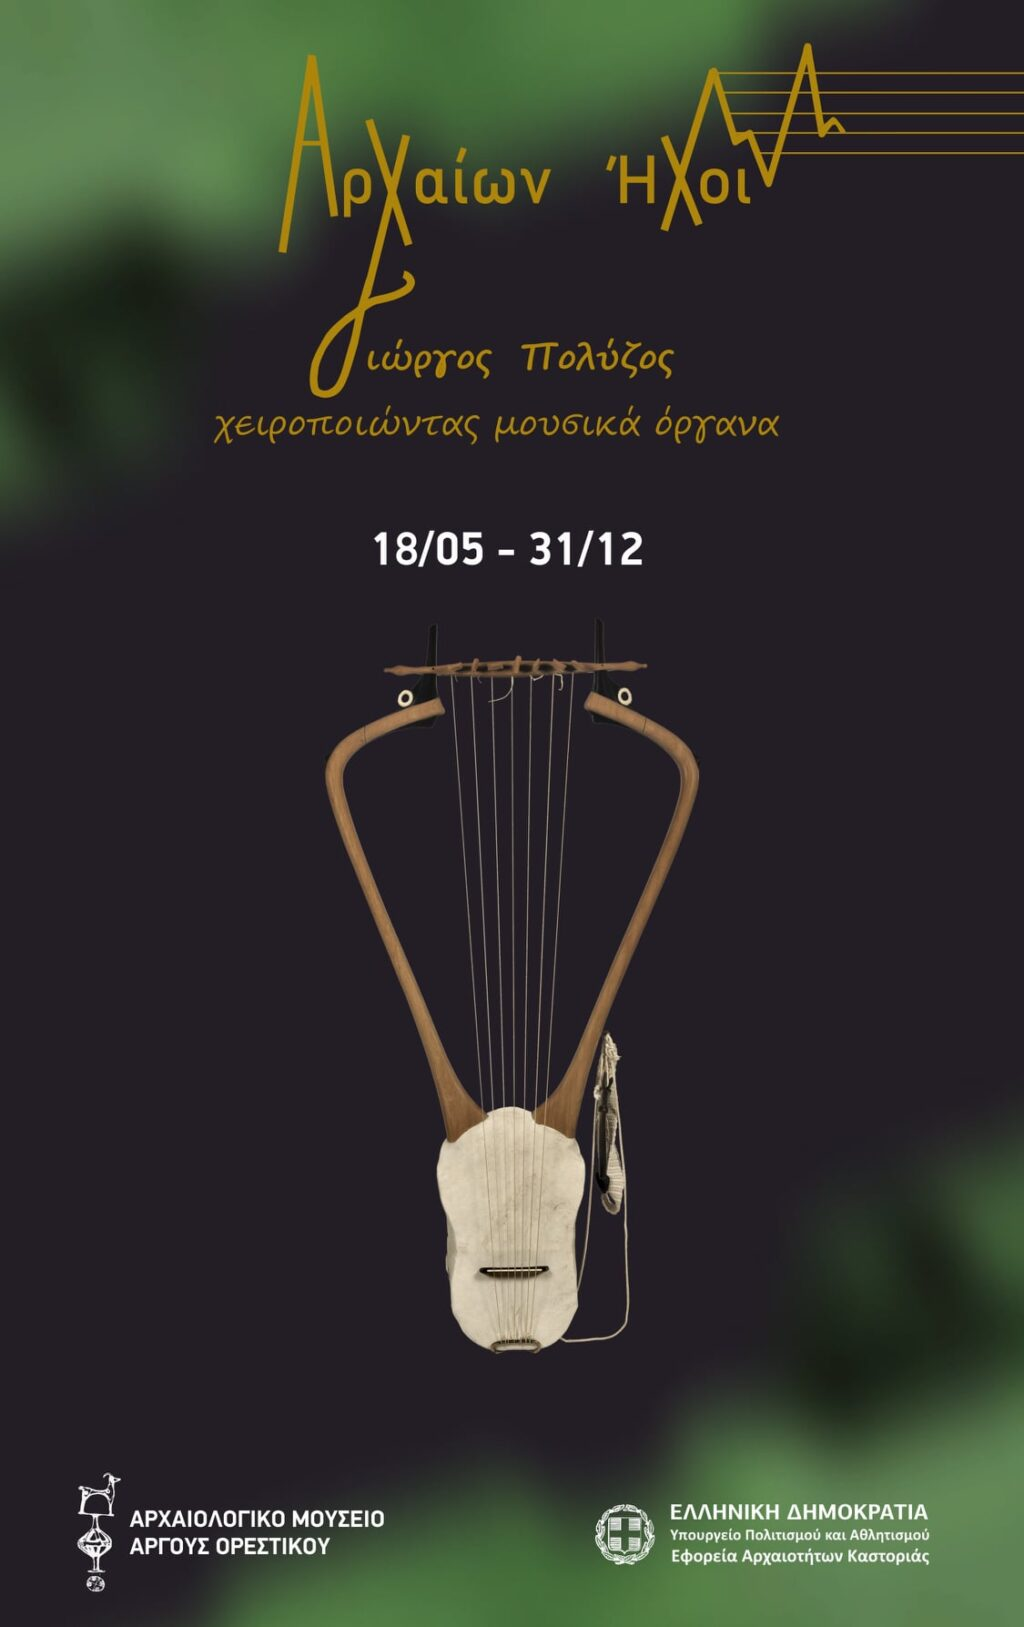 Αμφιθέατρο Αρχαιολογικού Μουσείου Άργους Ορεστικού «Αρχαίων Ήχοι. Γιώργος Πολύζος̇ χειροποιώντας μουσικά όργανα»